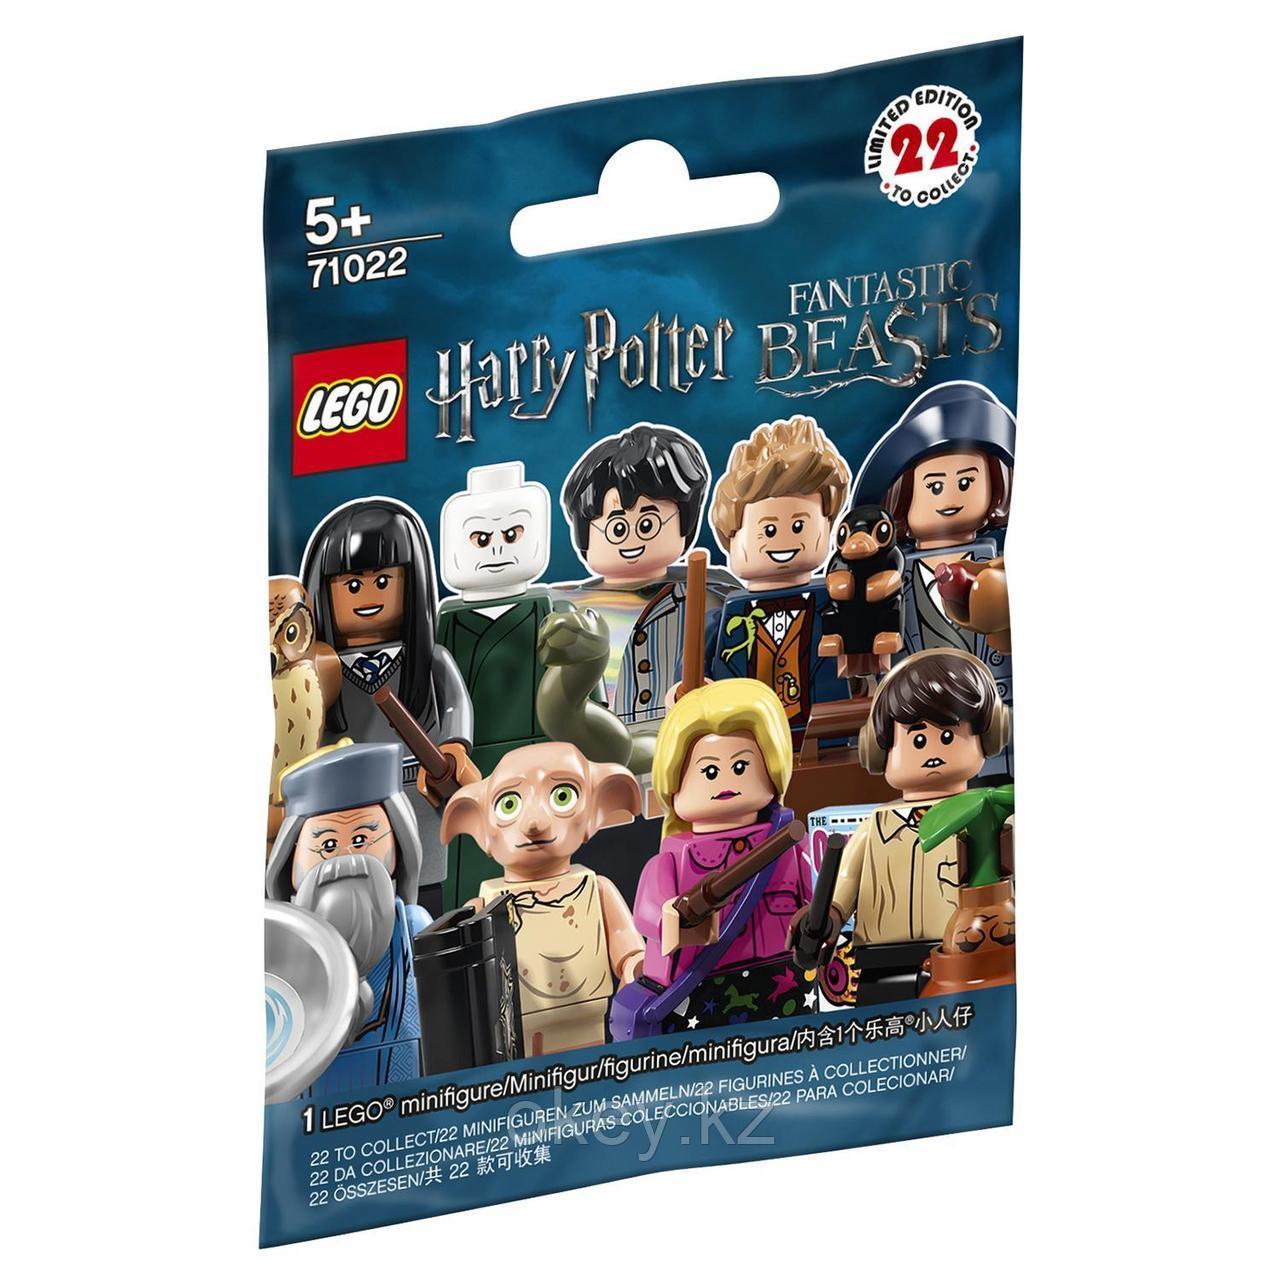 LEGO Minifigures: Гарри Поттер и Фантастические твари в ассортименте 71022